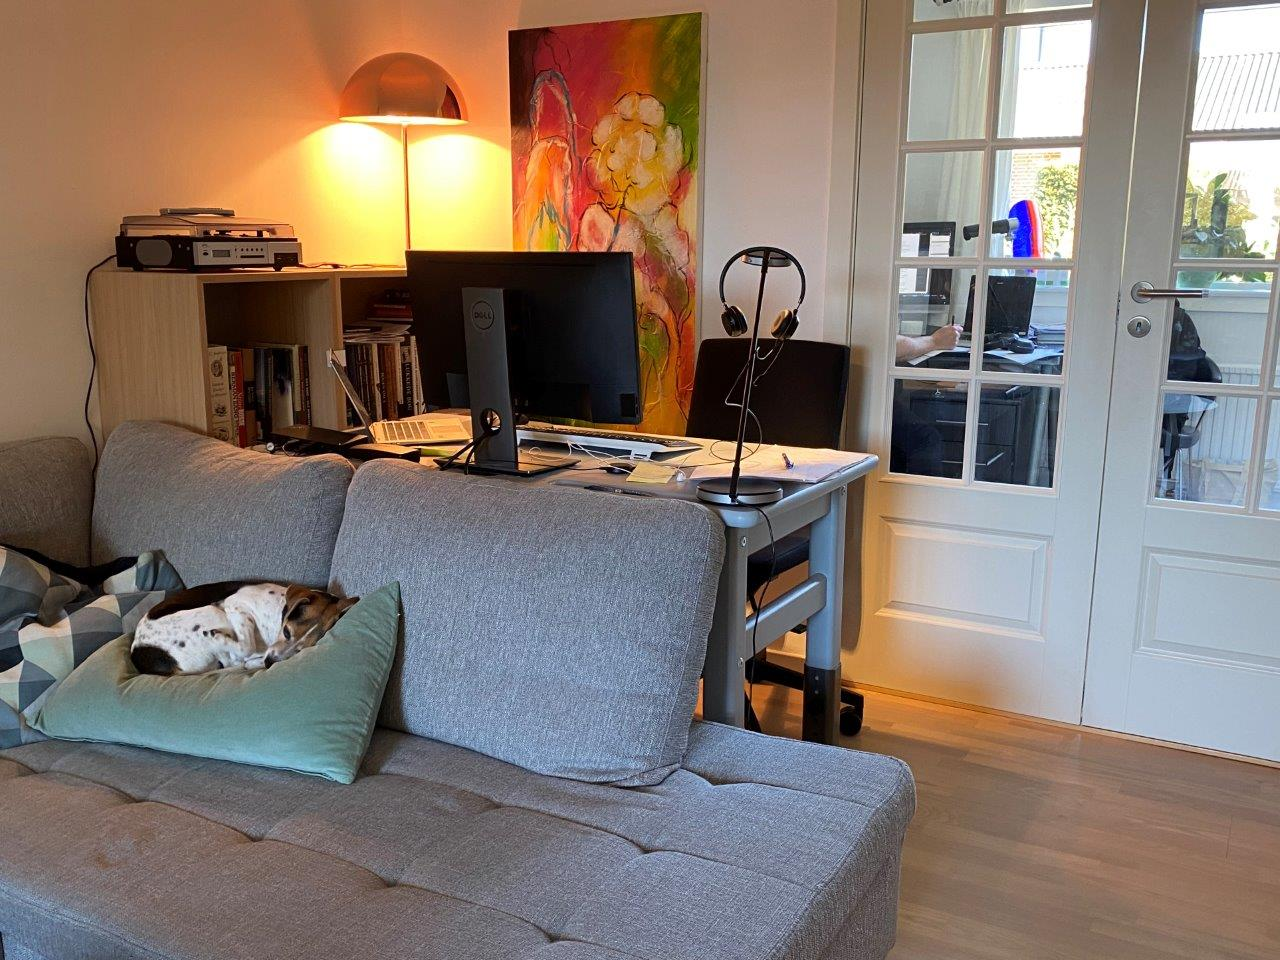 Ny undersøgelse: Stort potentiale for hjemmearbejde i Holstebro